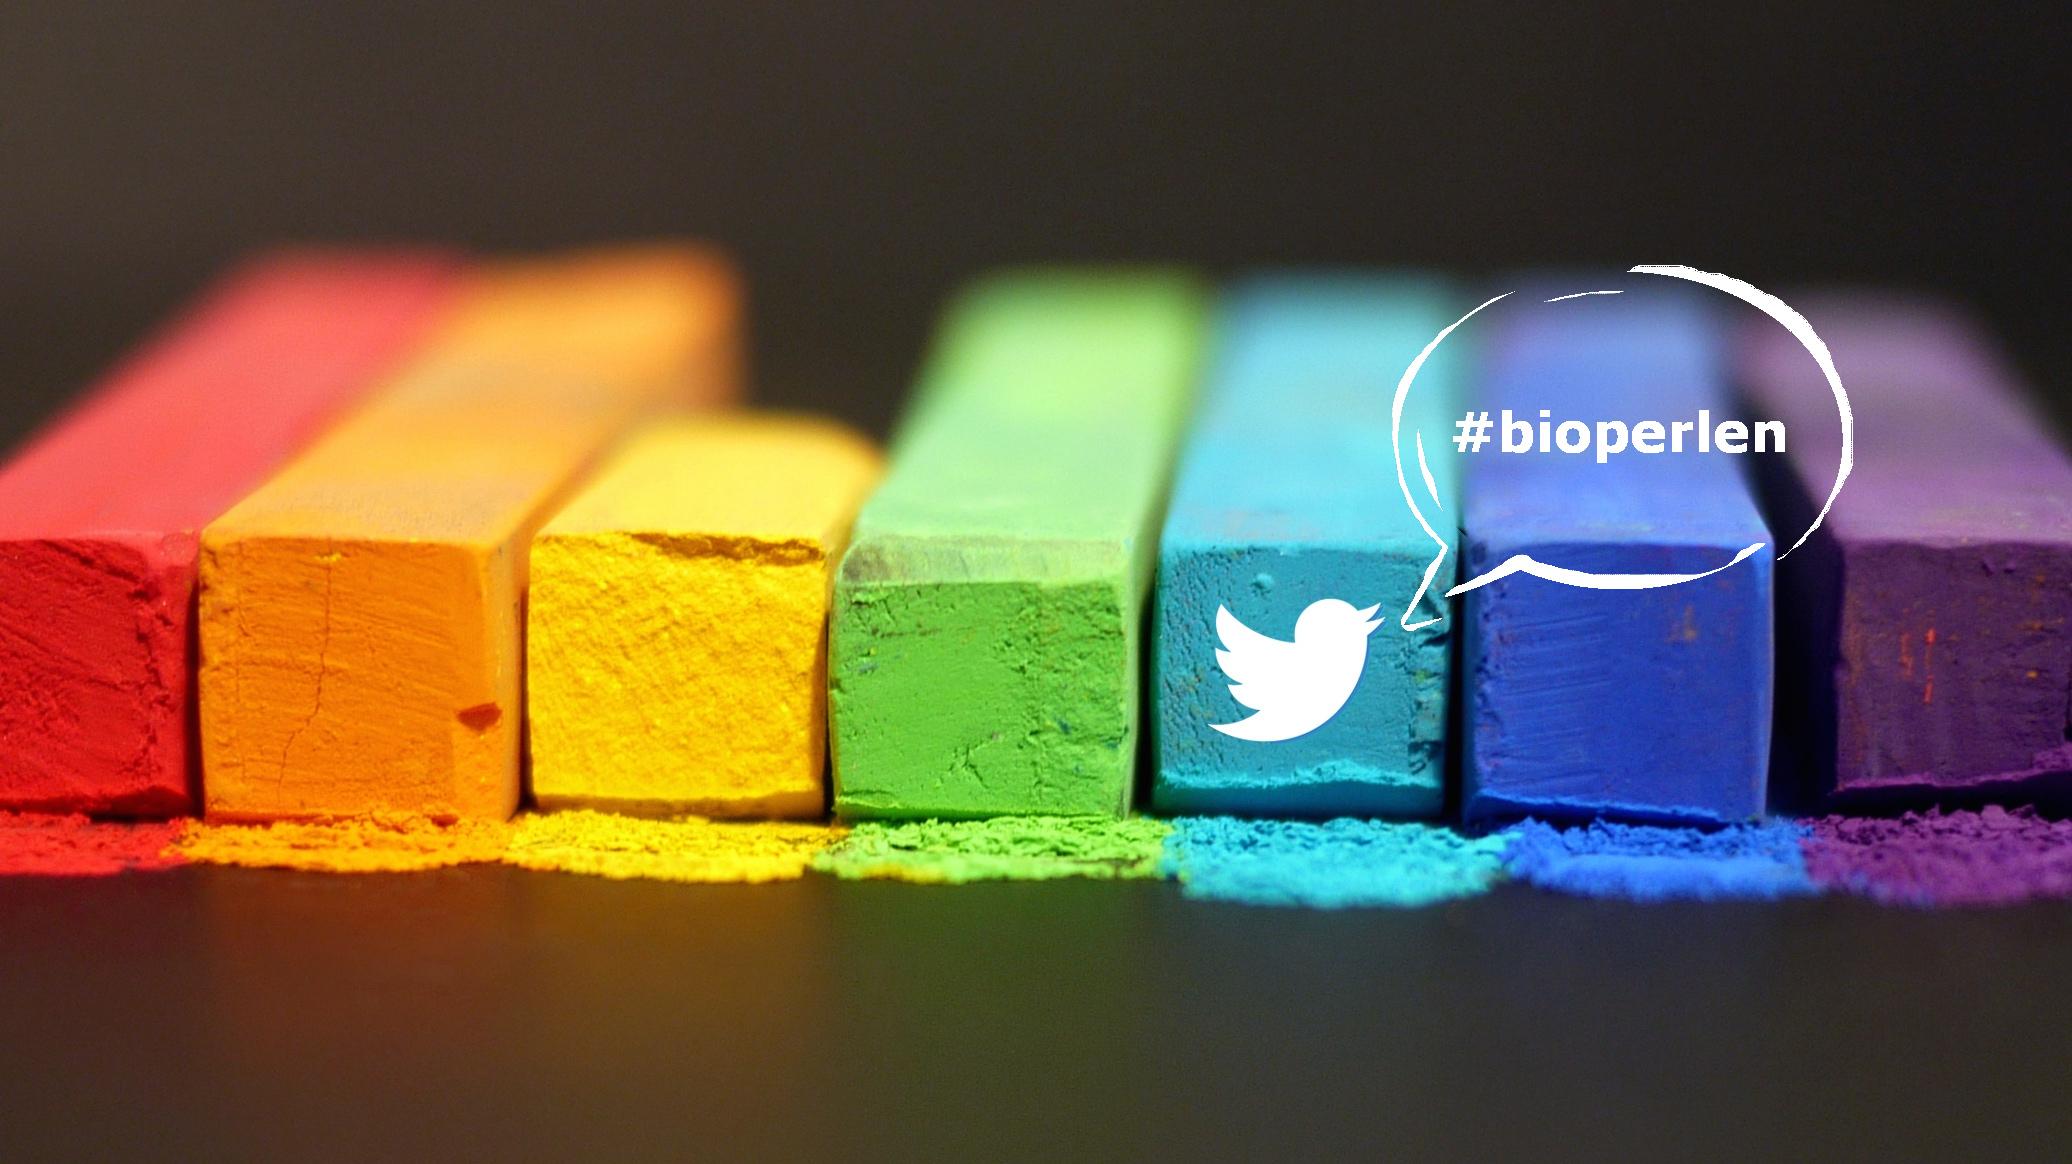 bioperlen